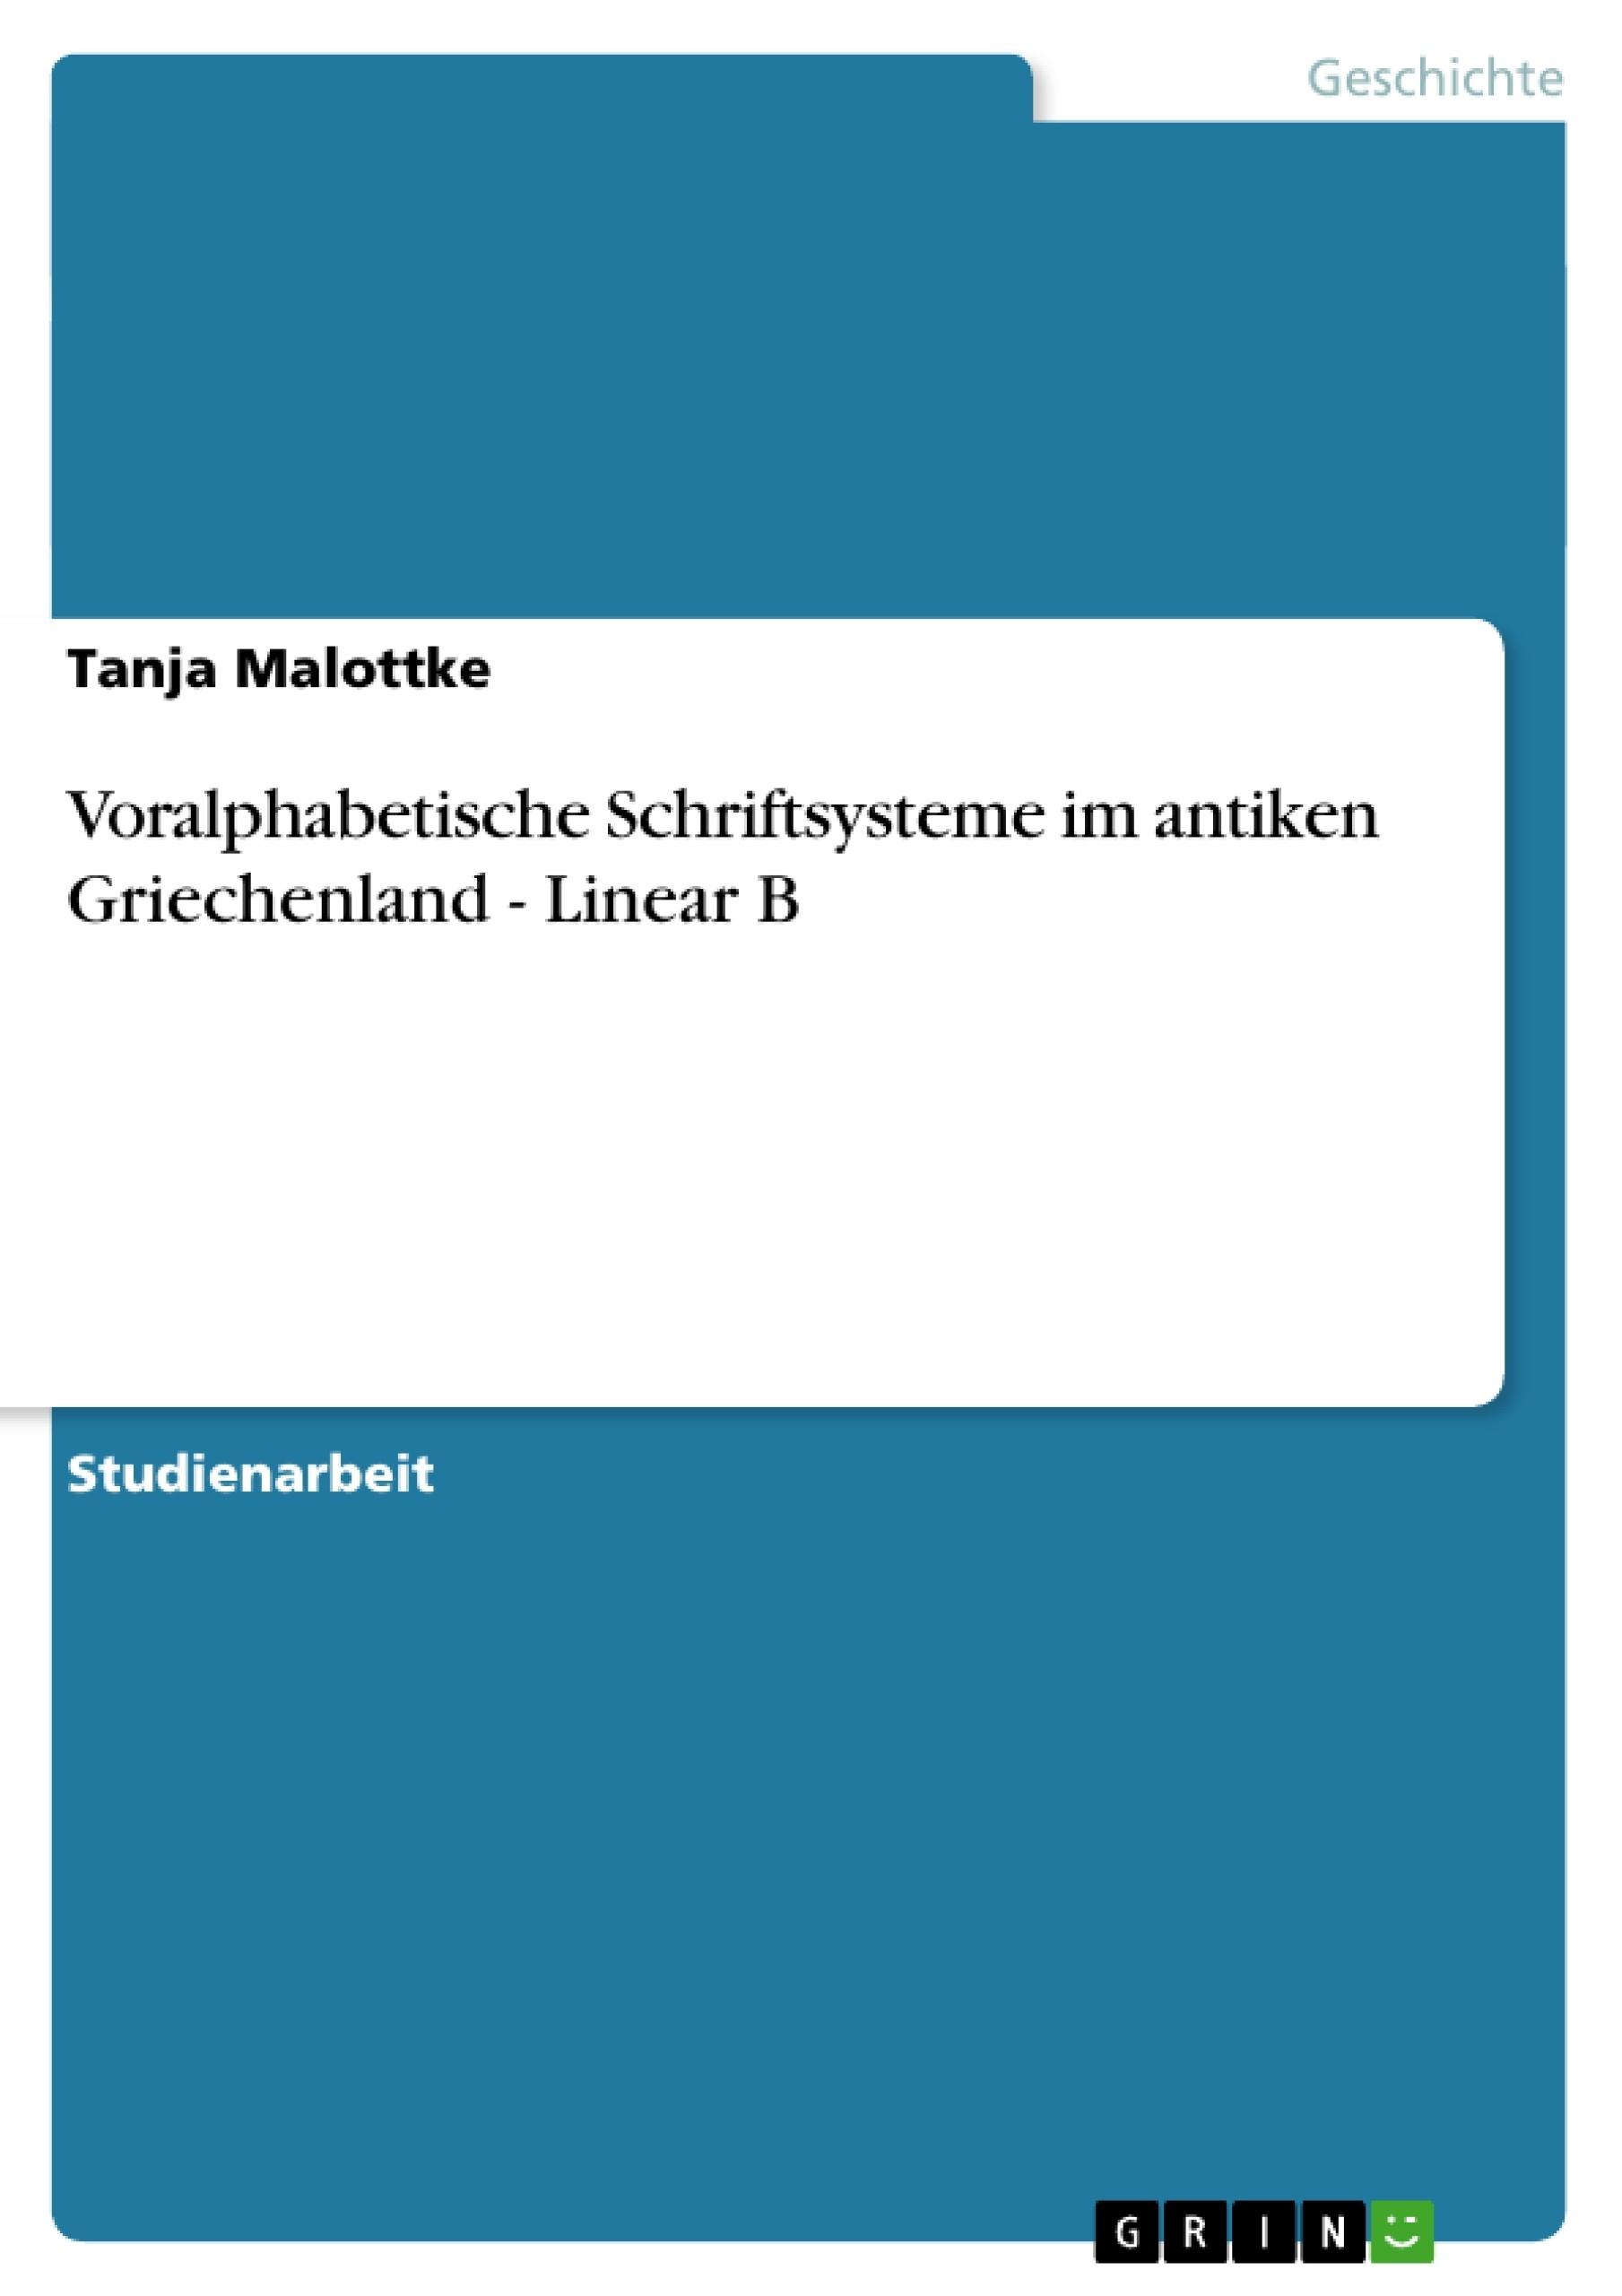 Titel: Voralphabetische Schriftsysteme im antiken Griechenland  -  Linear B